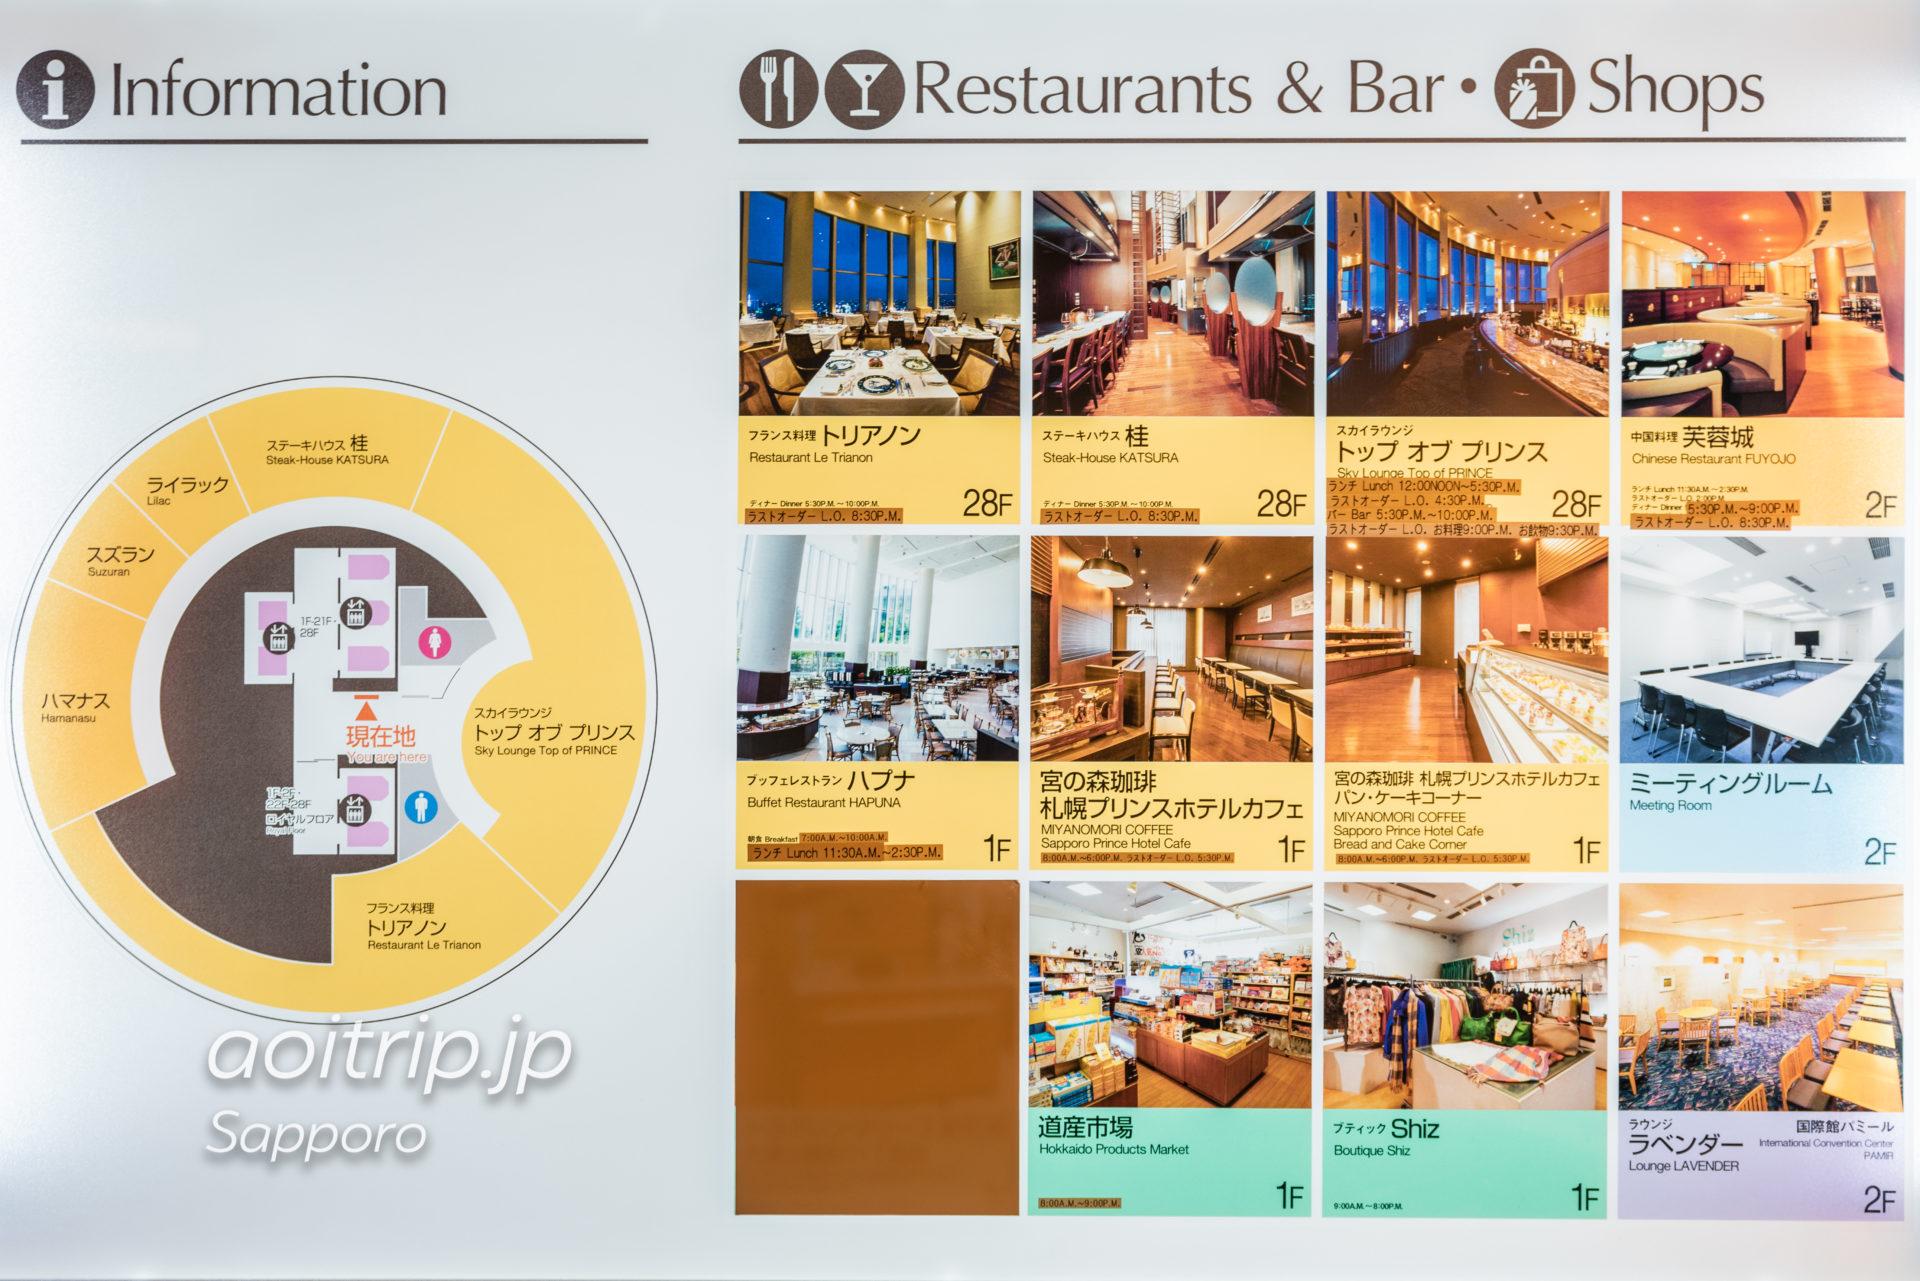 札幌プリンスホテルの最上階レストランの案内